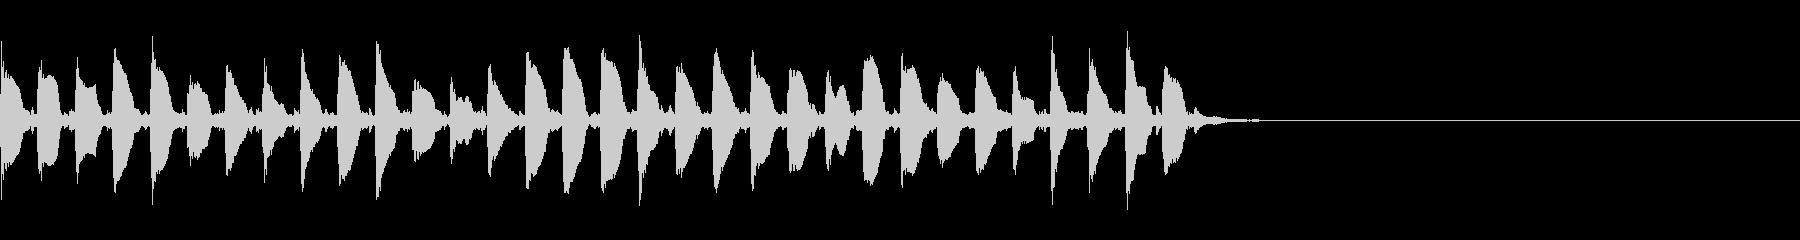 (話す、テキスト表示)長めA01の未再生の波形